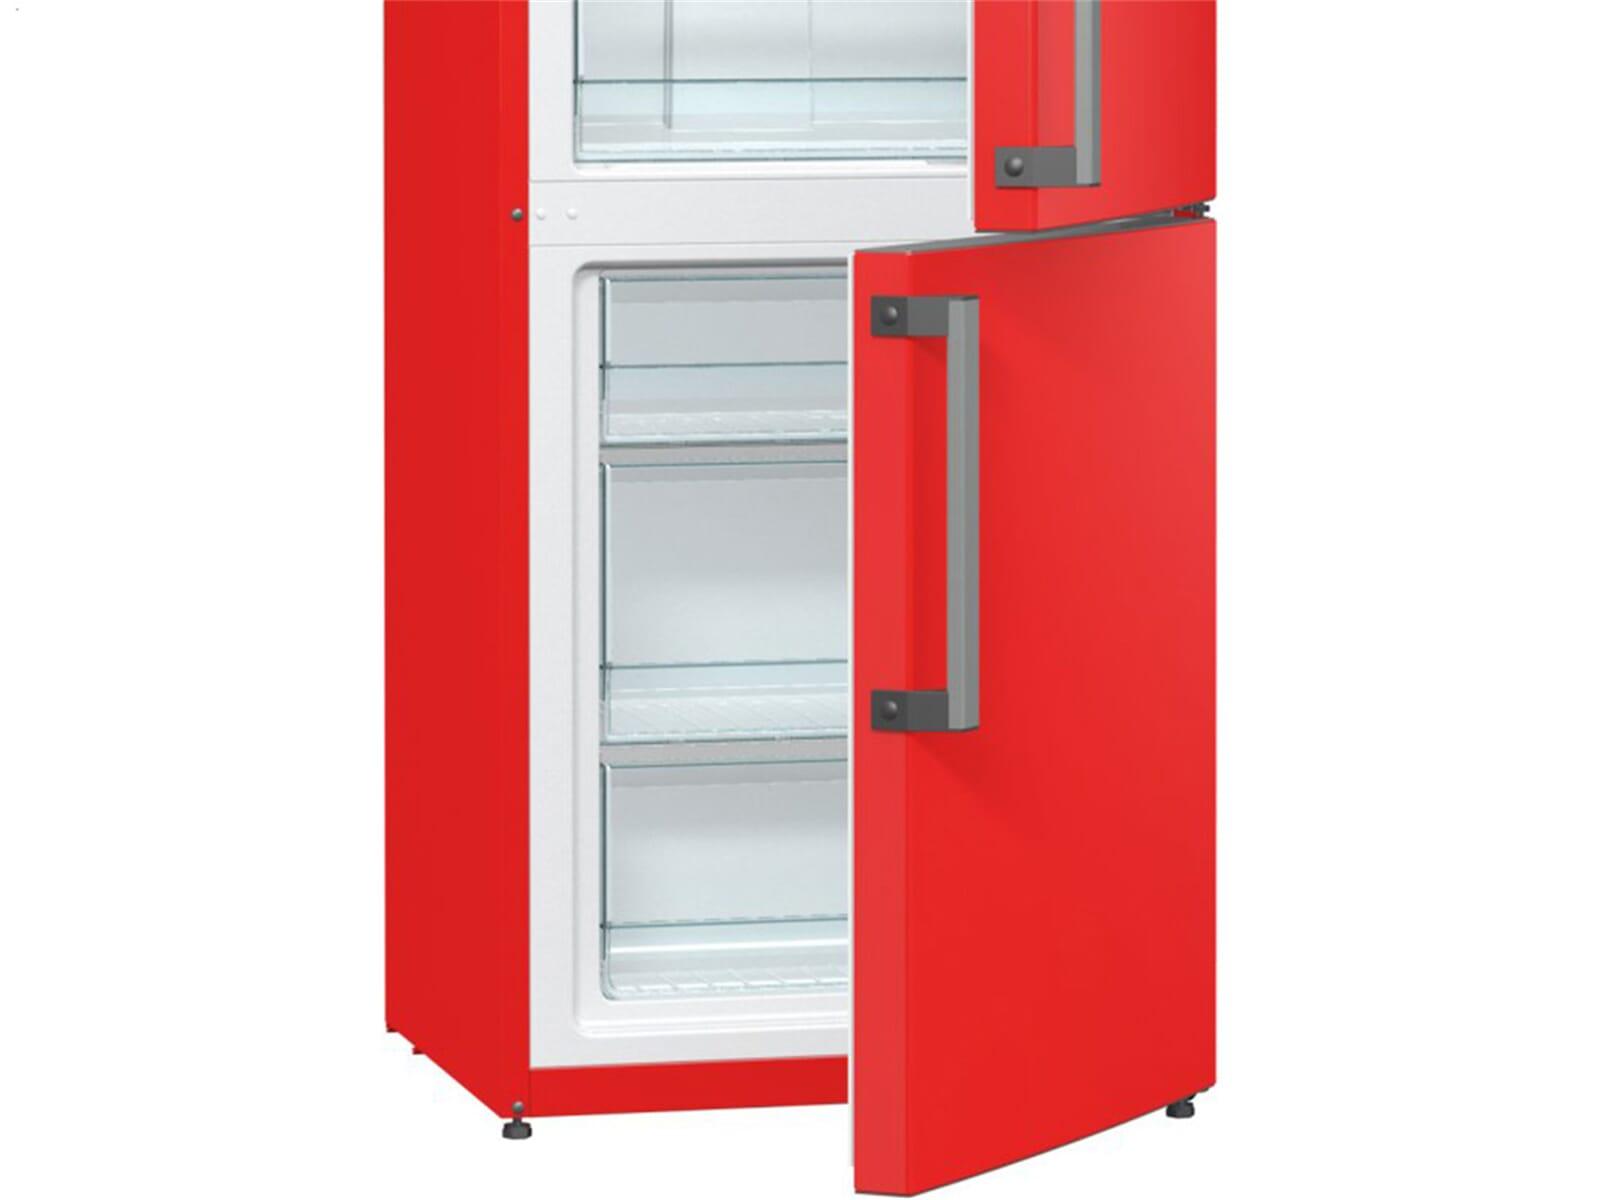 Gorenje Kühlschrank Rot : Kühlschrank rot kühlschrank liebherr schublade richard